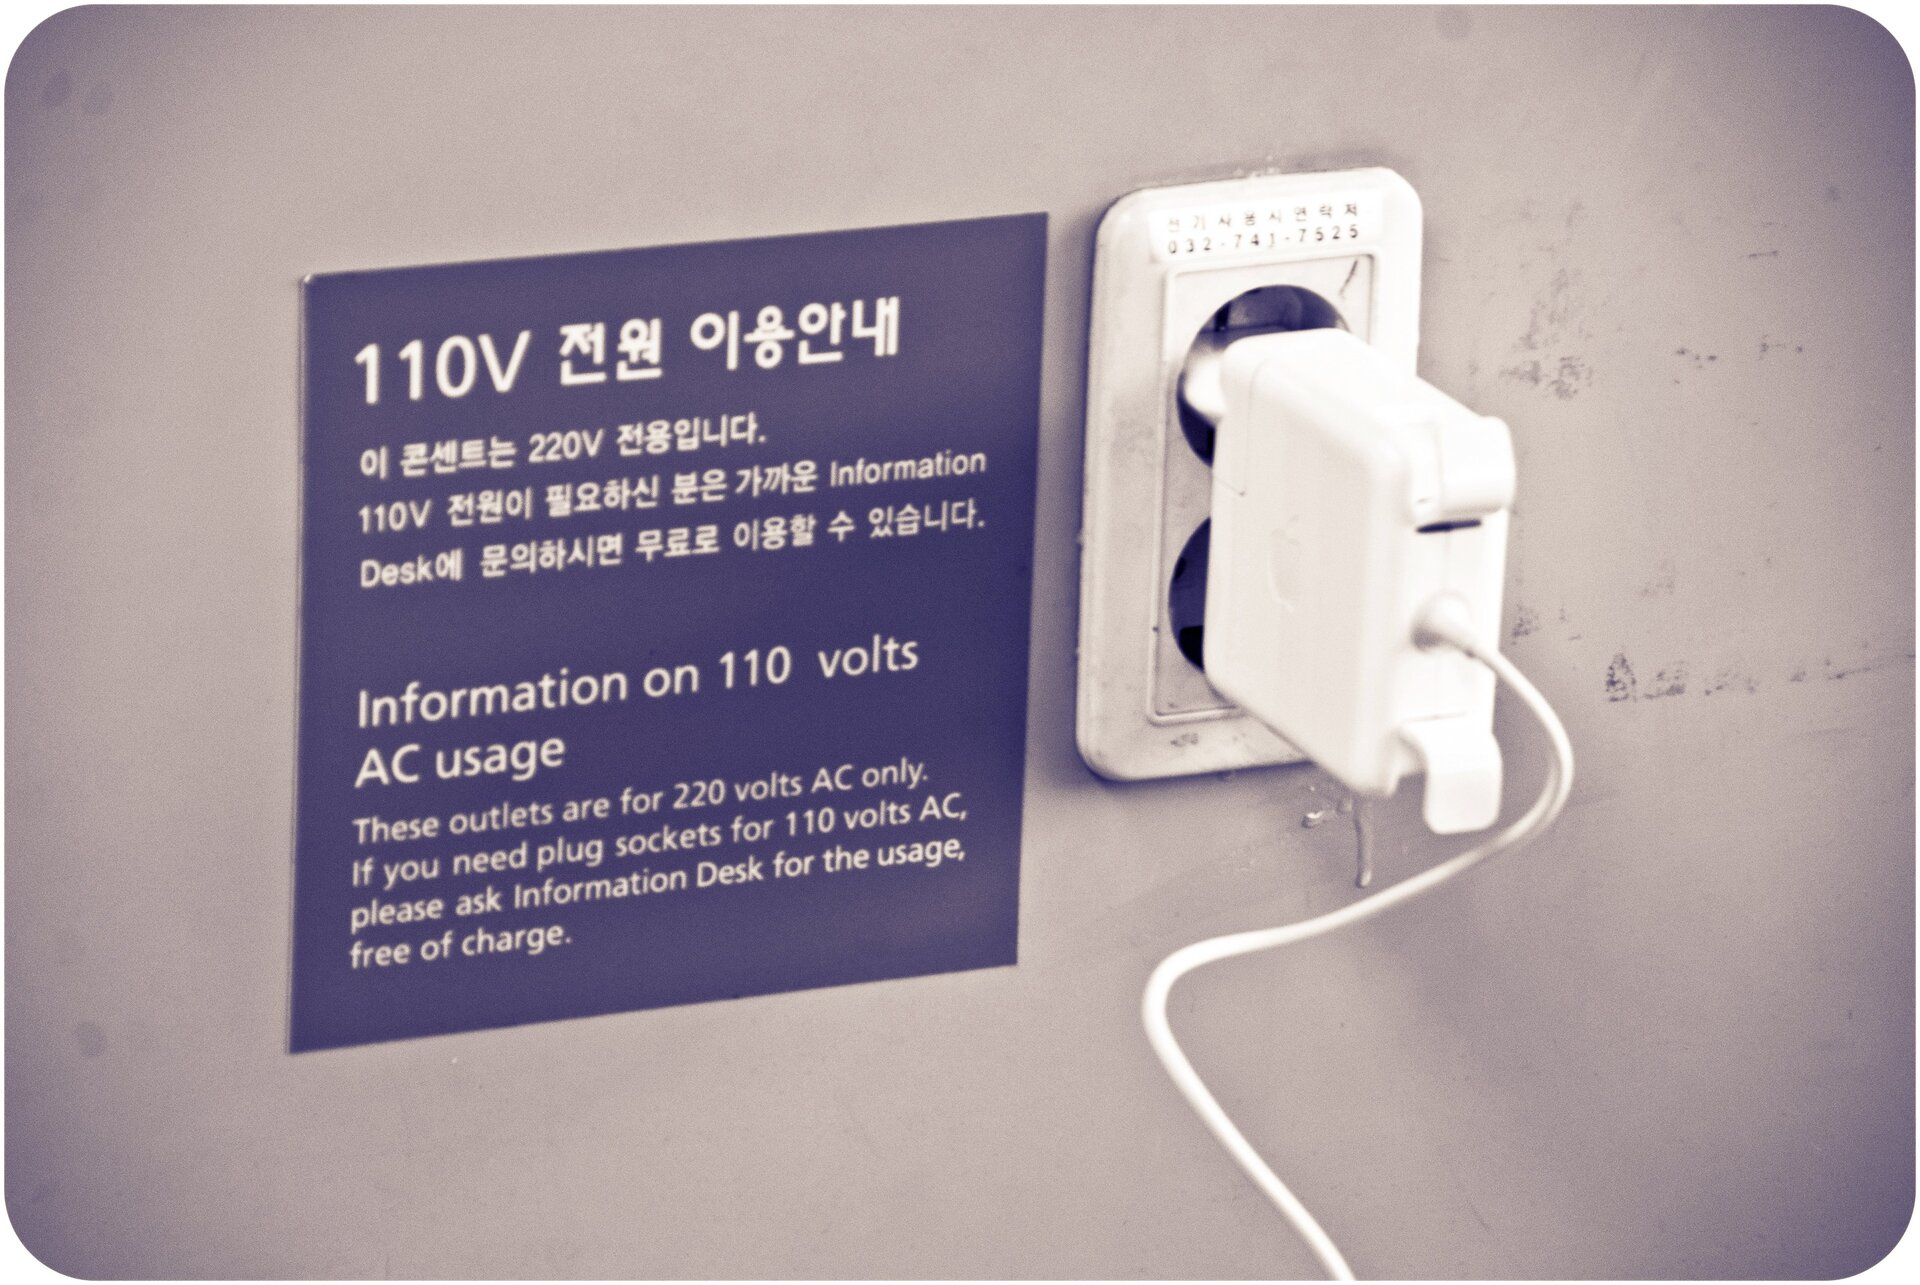 Wcałej Europie iwwiększości państw świata wgniazdkach płynie prąd onapięciu 230 V. Jednak wUSA, Japonii iniektórych krajach Ameryki Południowej obowiązuje standard 110 V. Różnice te (jak również odmienne standardy wtyczek) sprawiają problemy szczególnie turystom.